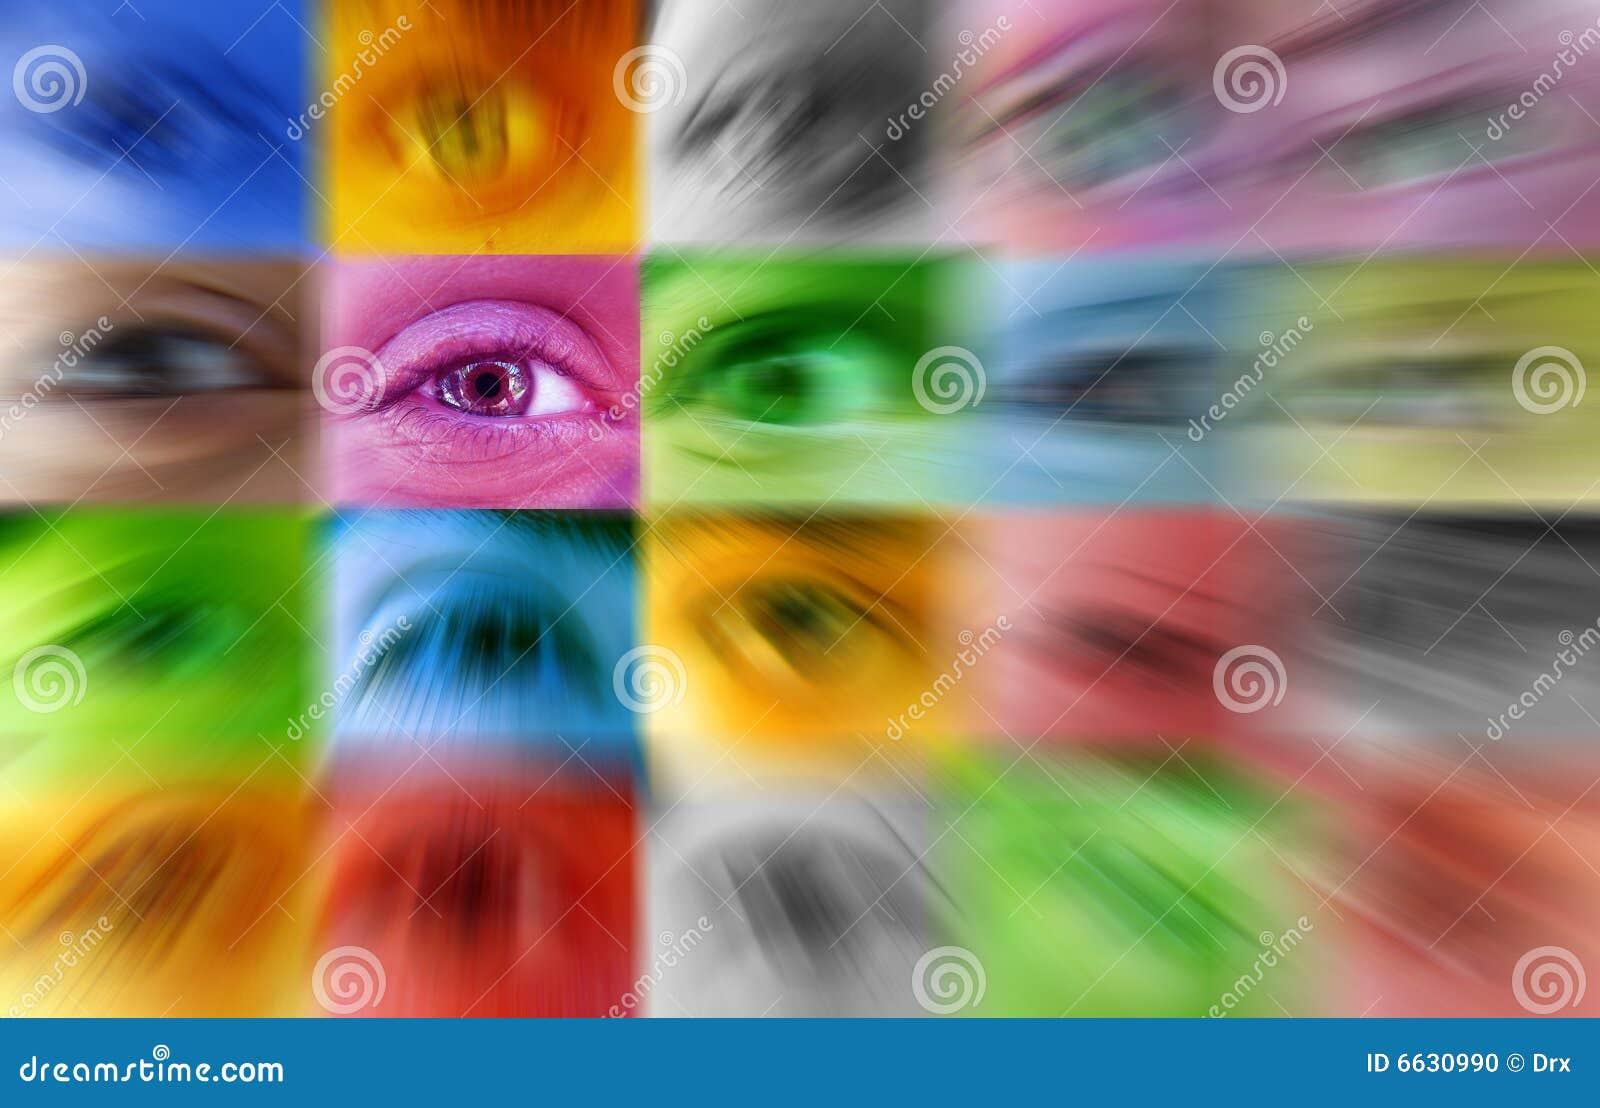 Einzeln - menschliches Auge